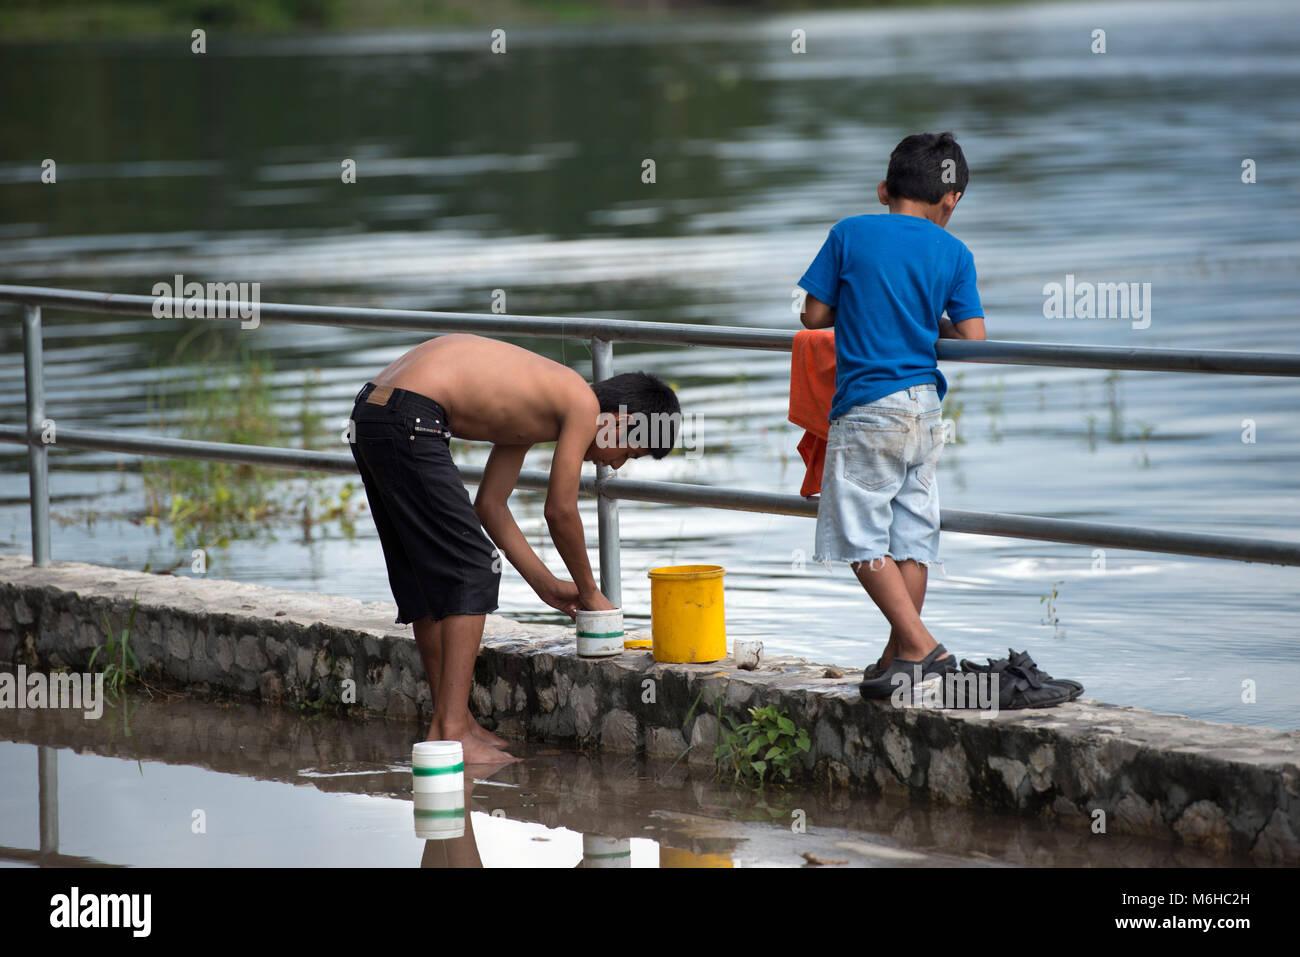 Two young, indigenous, ethnic Itza Maya boys fishing on Lake Peten, Guatemala. - Stock Image